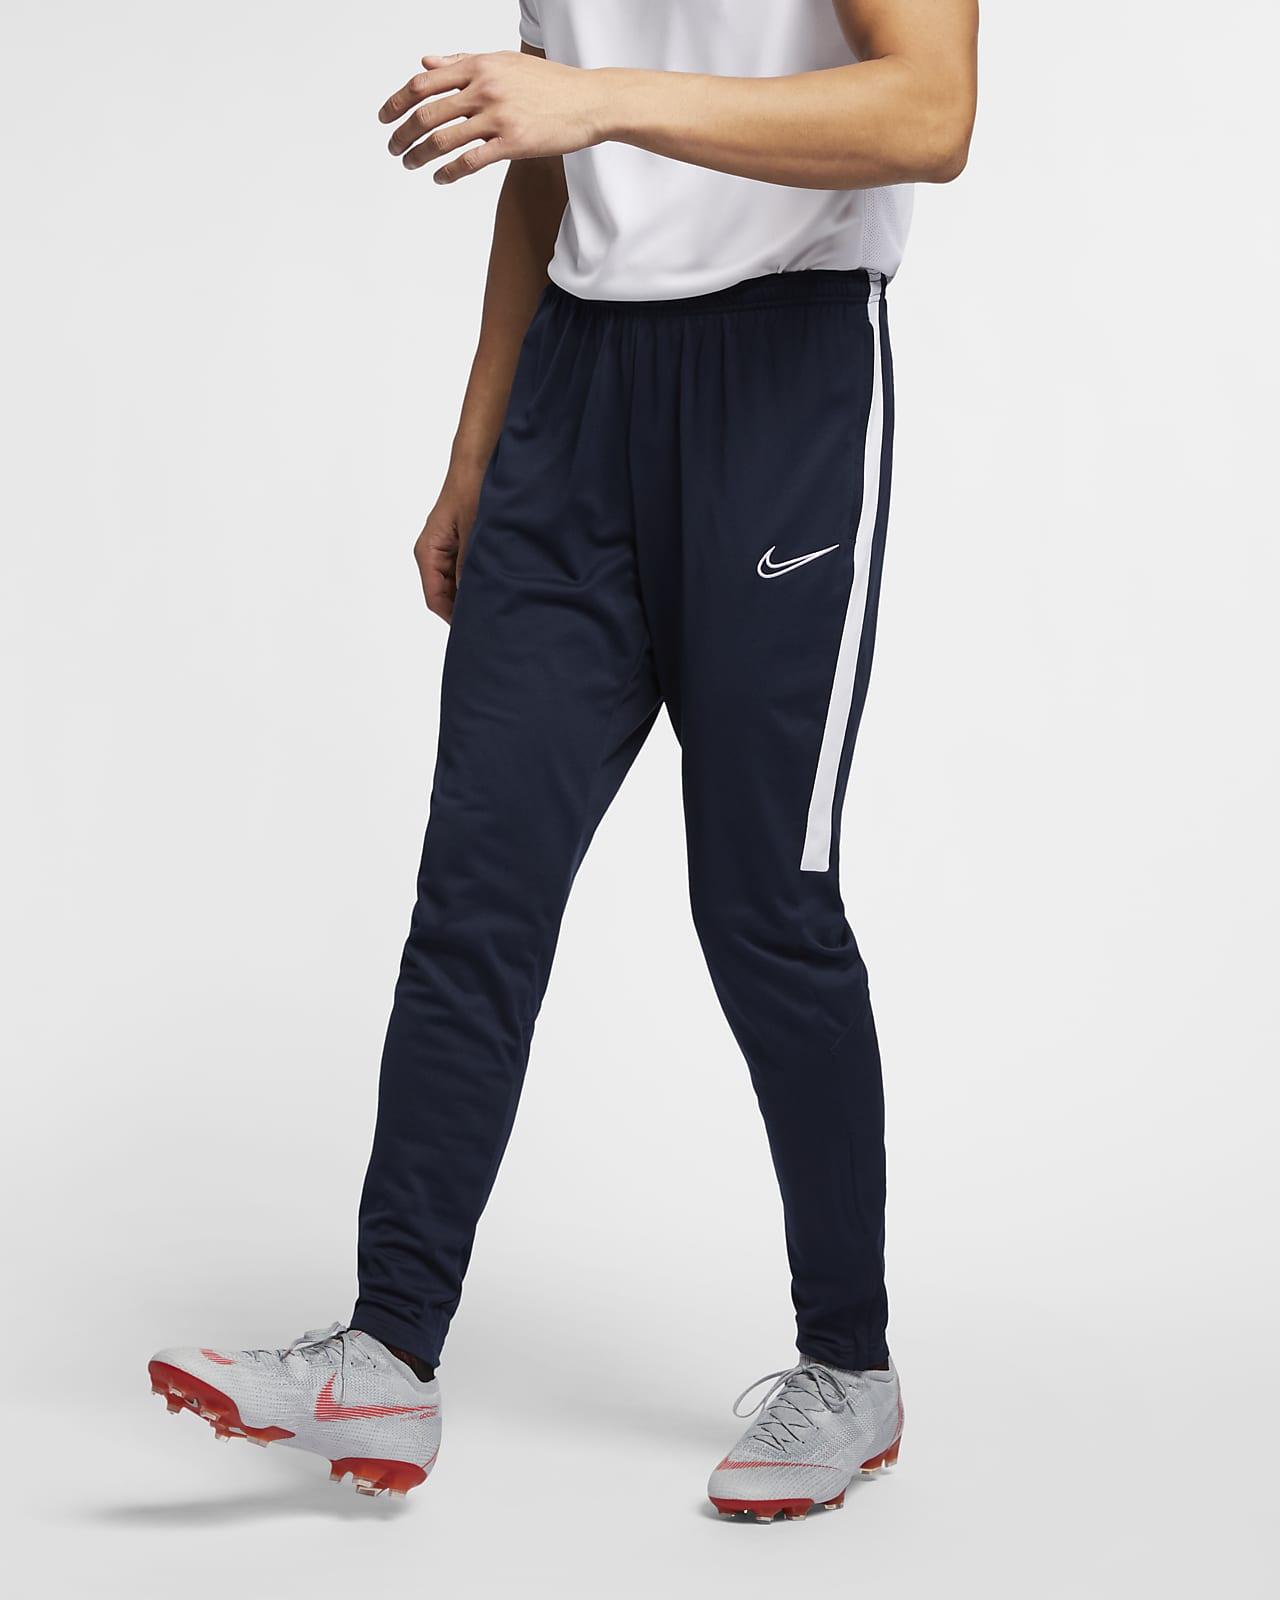 Pantalon de football Nike Dri-FIT Academy pour Homme